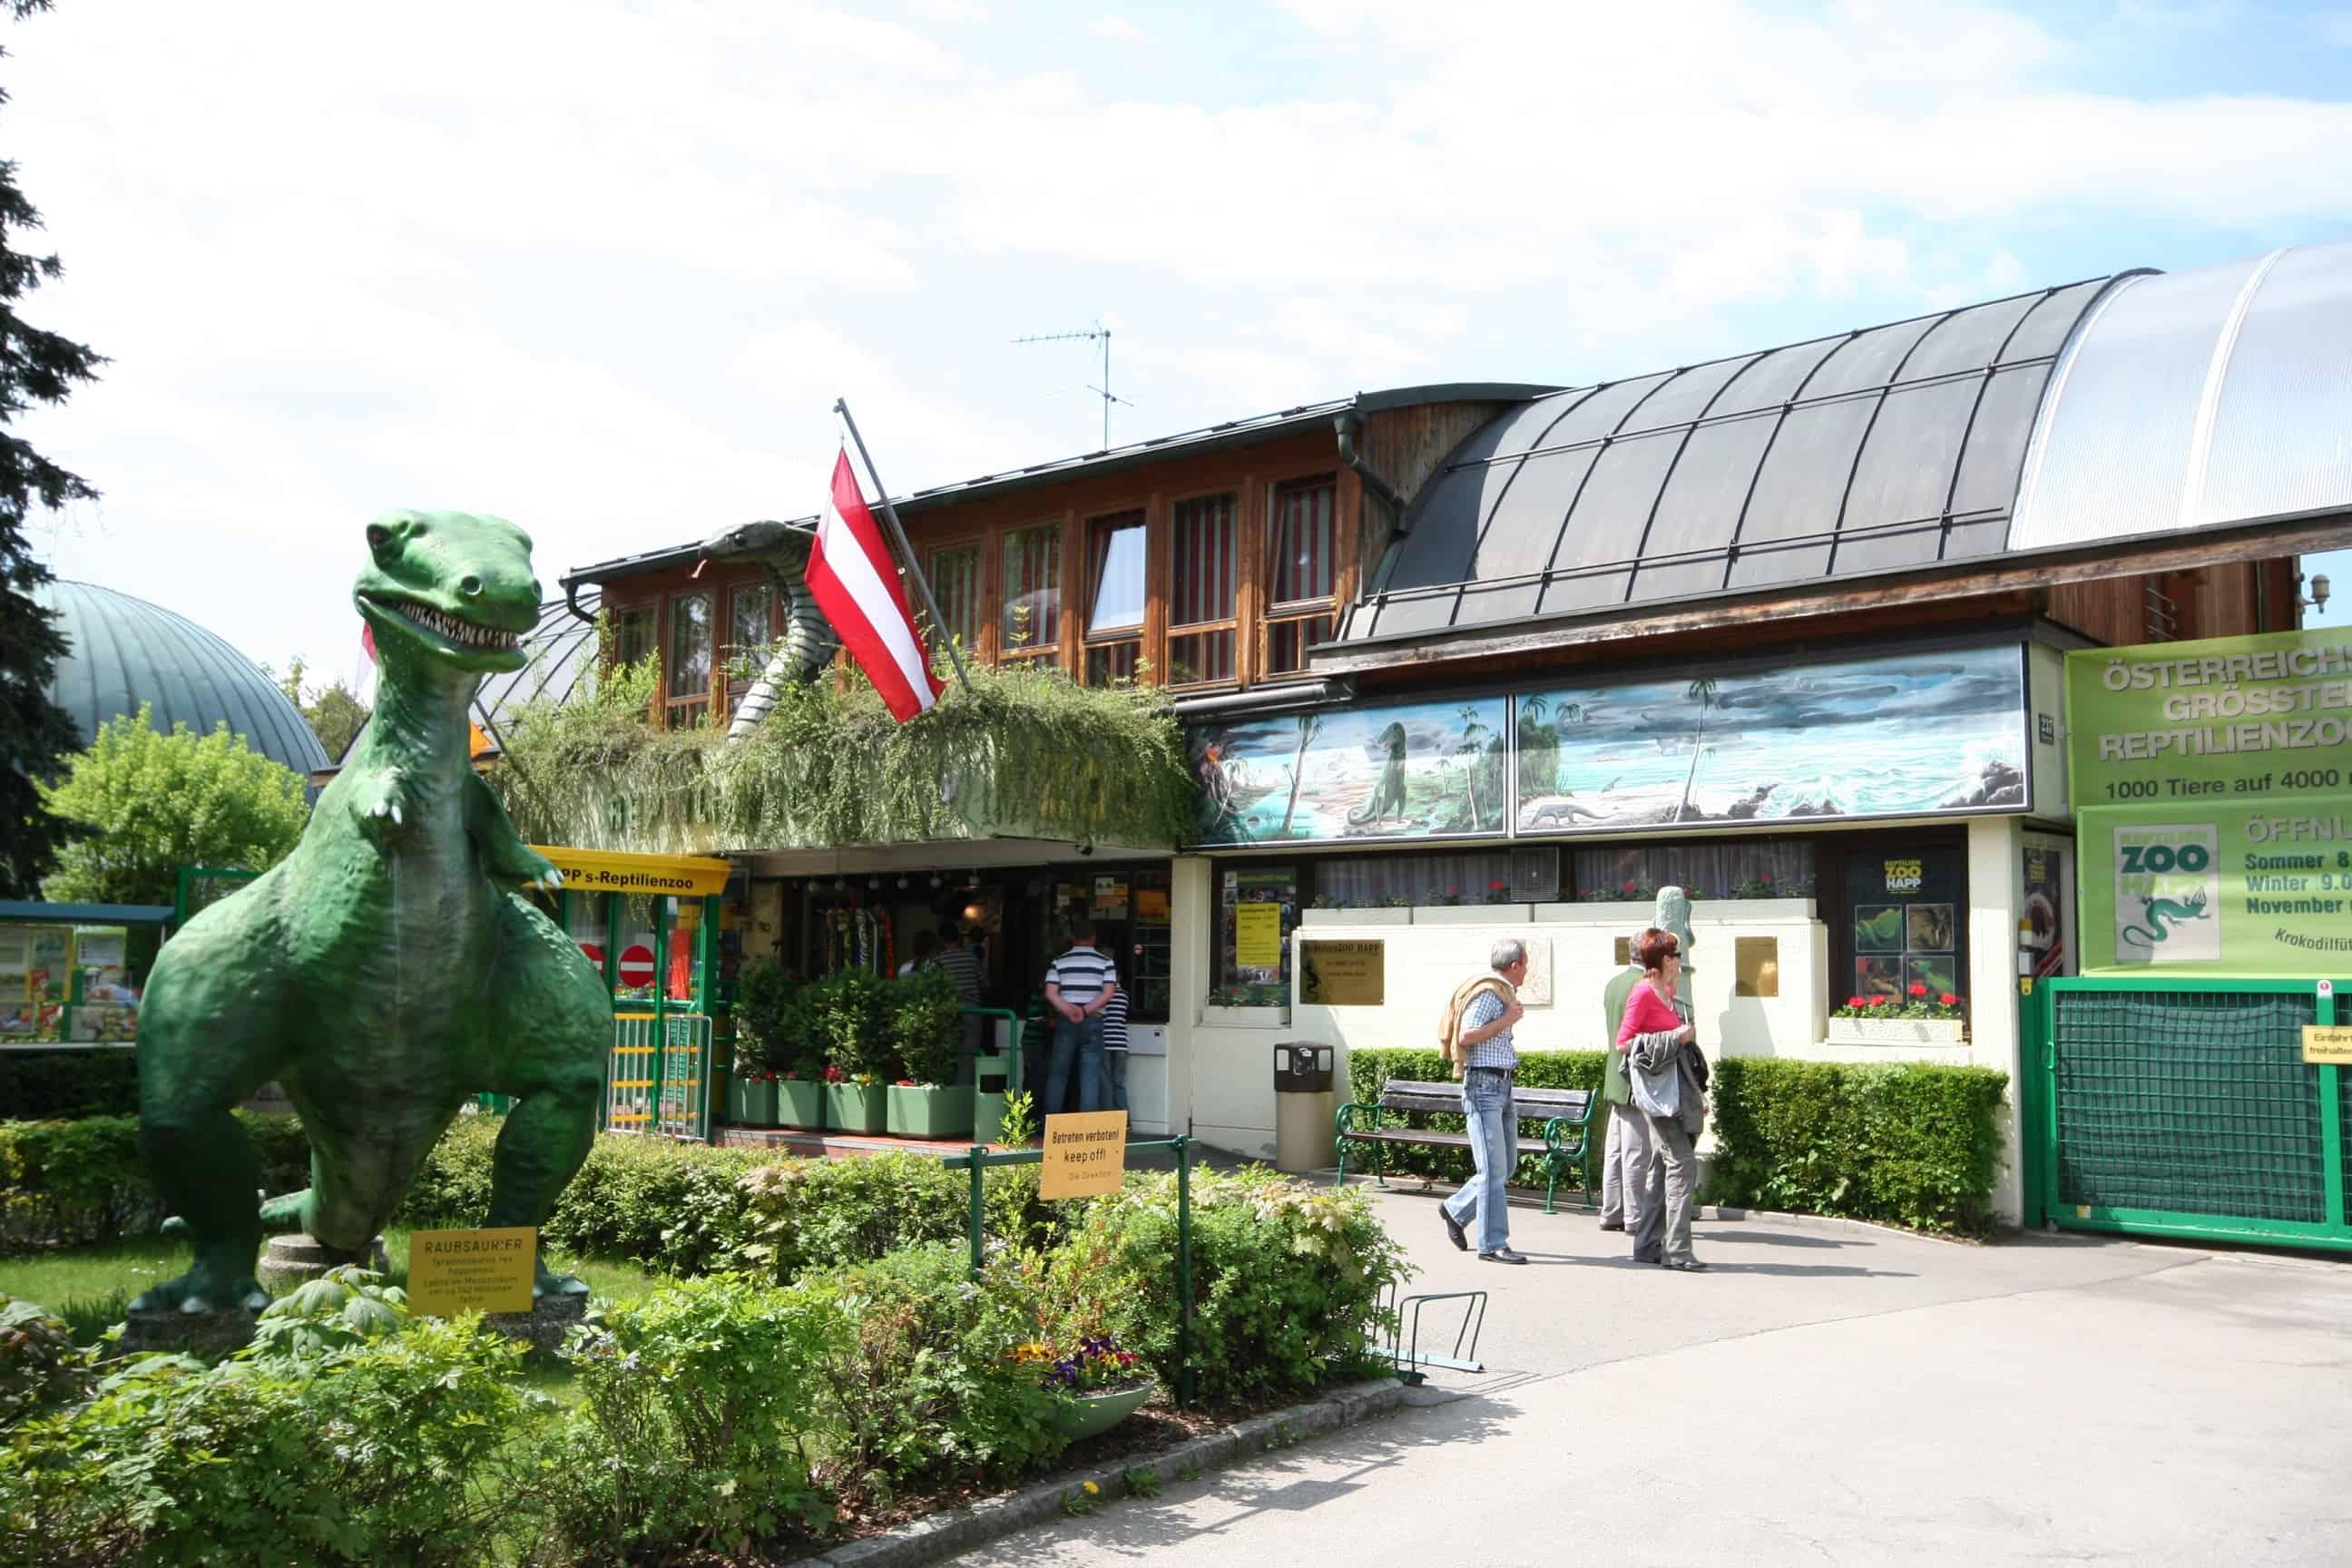 Reptilienzoo Happ Klagenfurt Wörthersee familienfreundliches Ausflugsziel Kärnten - Eingang